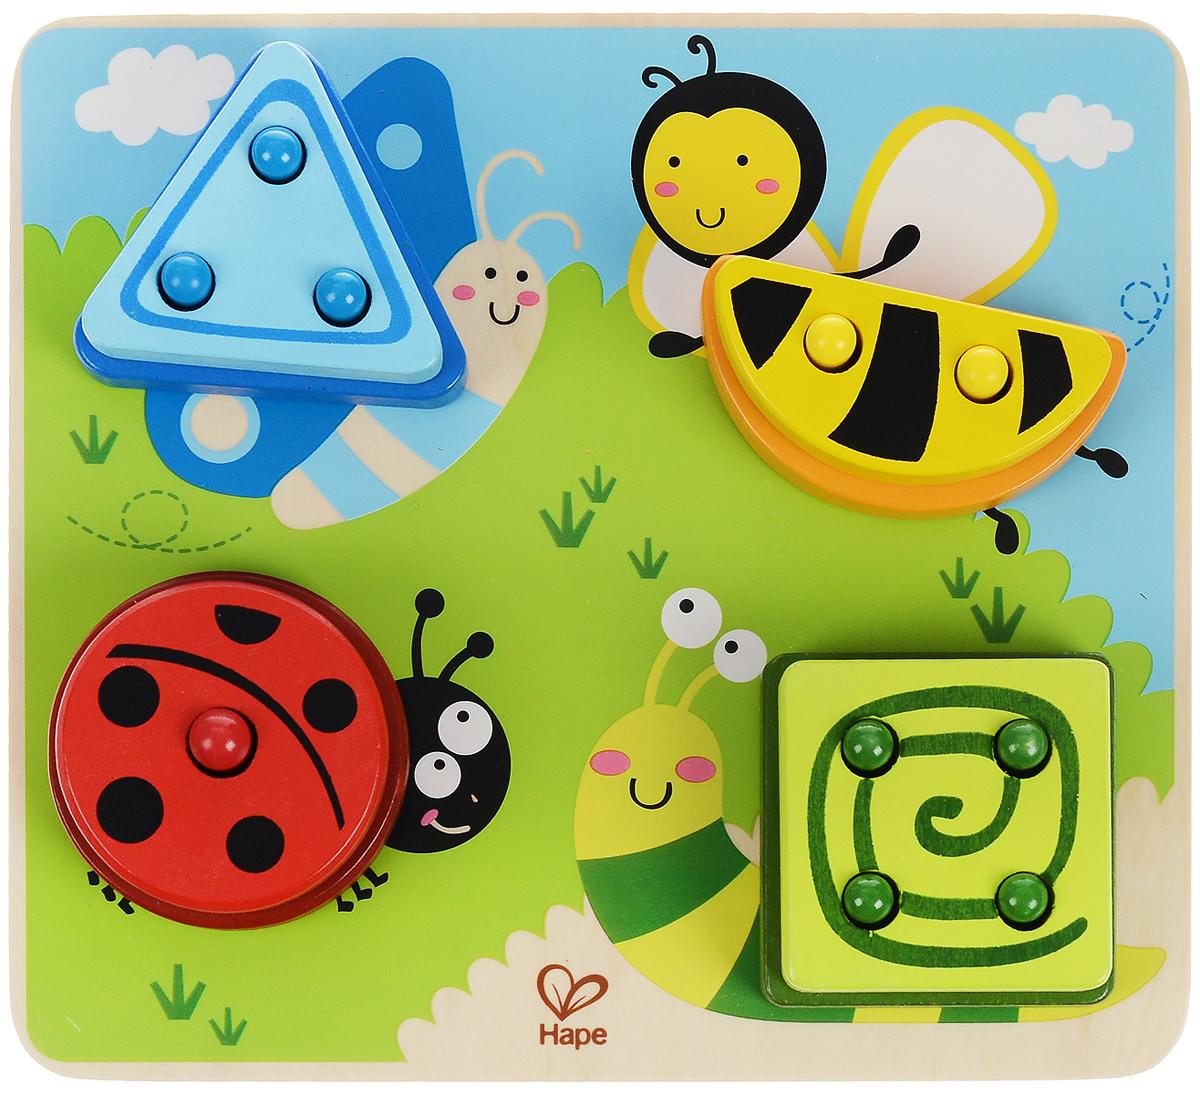 Hape Игрушка-сортер Веселая полянаЕ0425Игрушка-сортер Hape Веселая поляна выполнена из безопасного материала в виде квадратного основания и 12 элементов в виде геометрических фигур. Принцип сортера прост и направлен на развитие логического мышления: на деревянной доске изображена картинка с четырьмя забавными персонажами, у каждого животного имеется определенное количество штырьков, на которые насаживаются детали. Малышам предстоит надеть все геометрические фигуры на персонажей в соответствии с числом дырочек. Игрушка-сортер Hape Веселая поляна поможет малышу в развитии цветового восприятия, мелкой моторики рук, координации движений и пространственного мышления.